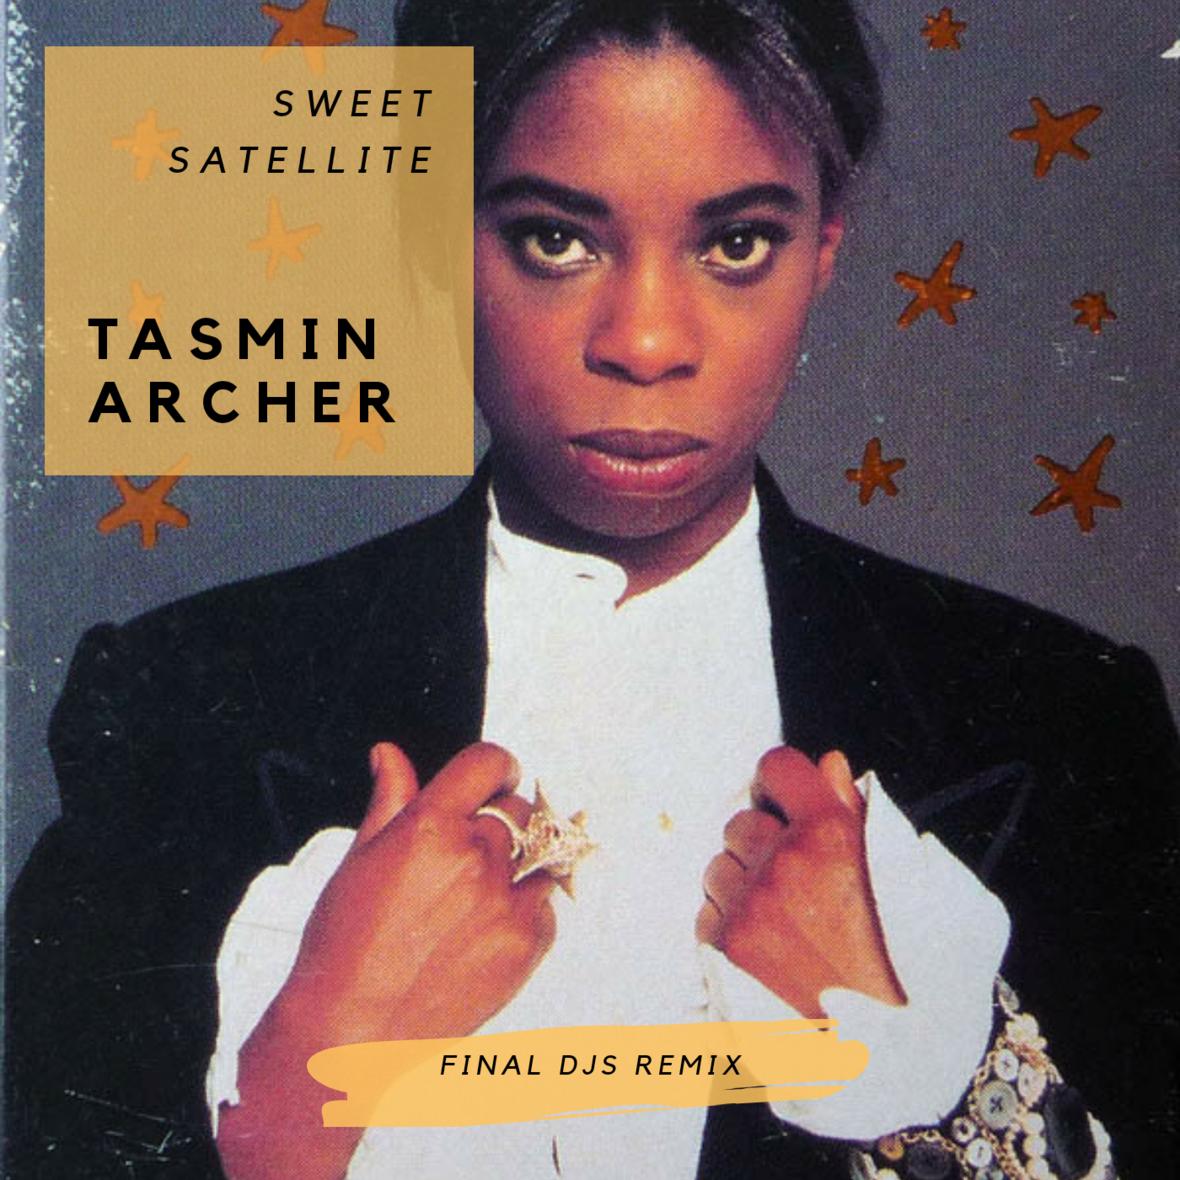 FINAL DJS lässt den Satelliten wieder steigen | Tasmine Archer - Sweet Satellite im FINAL DJS Remix | Free Download